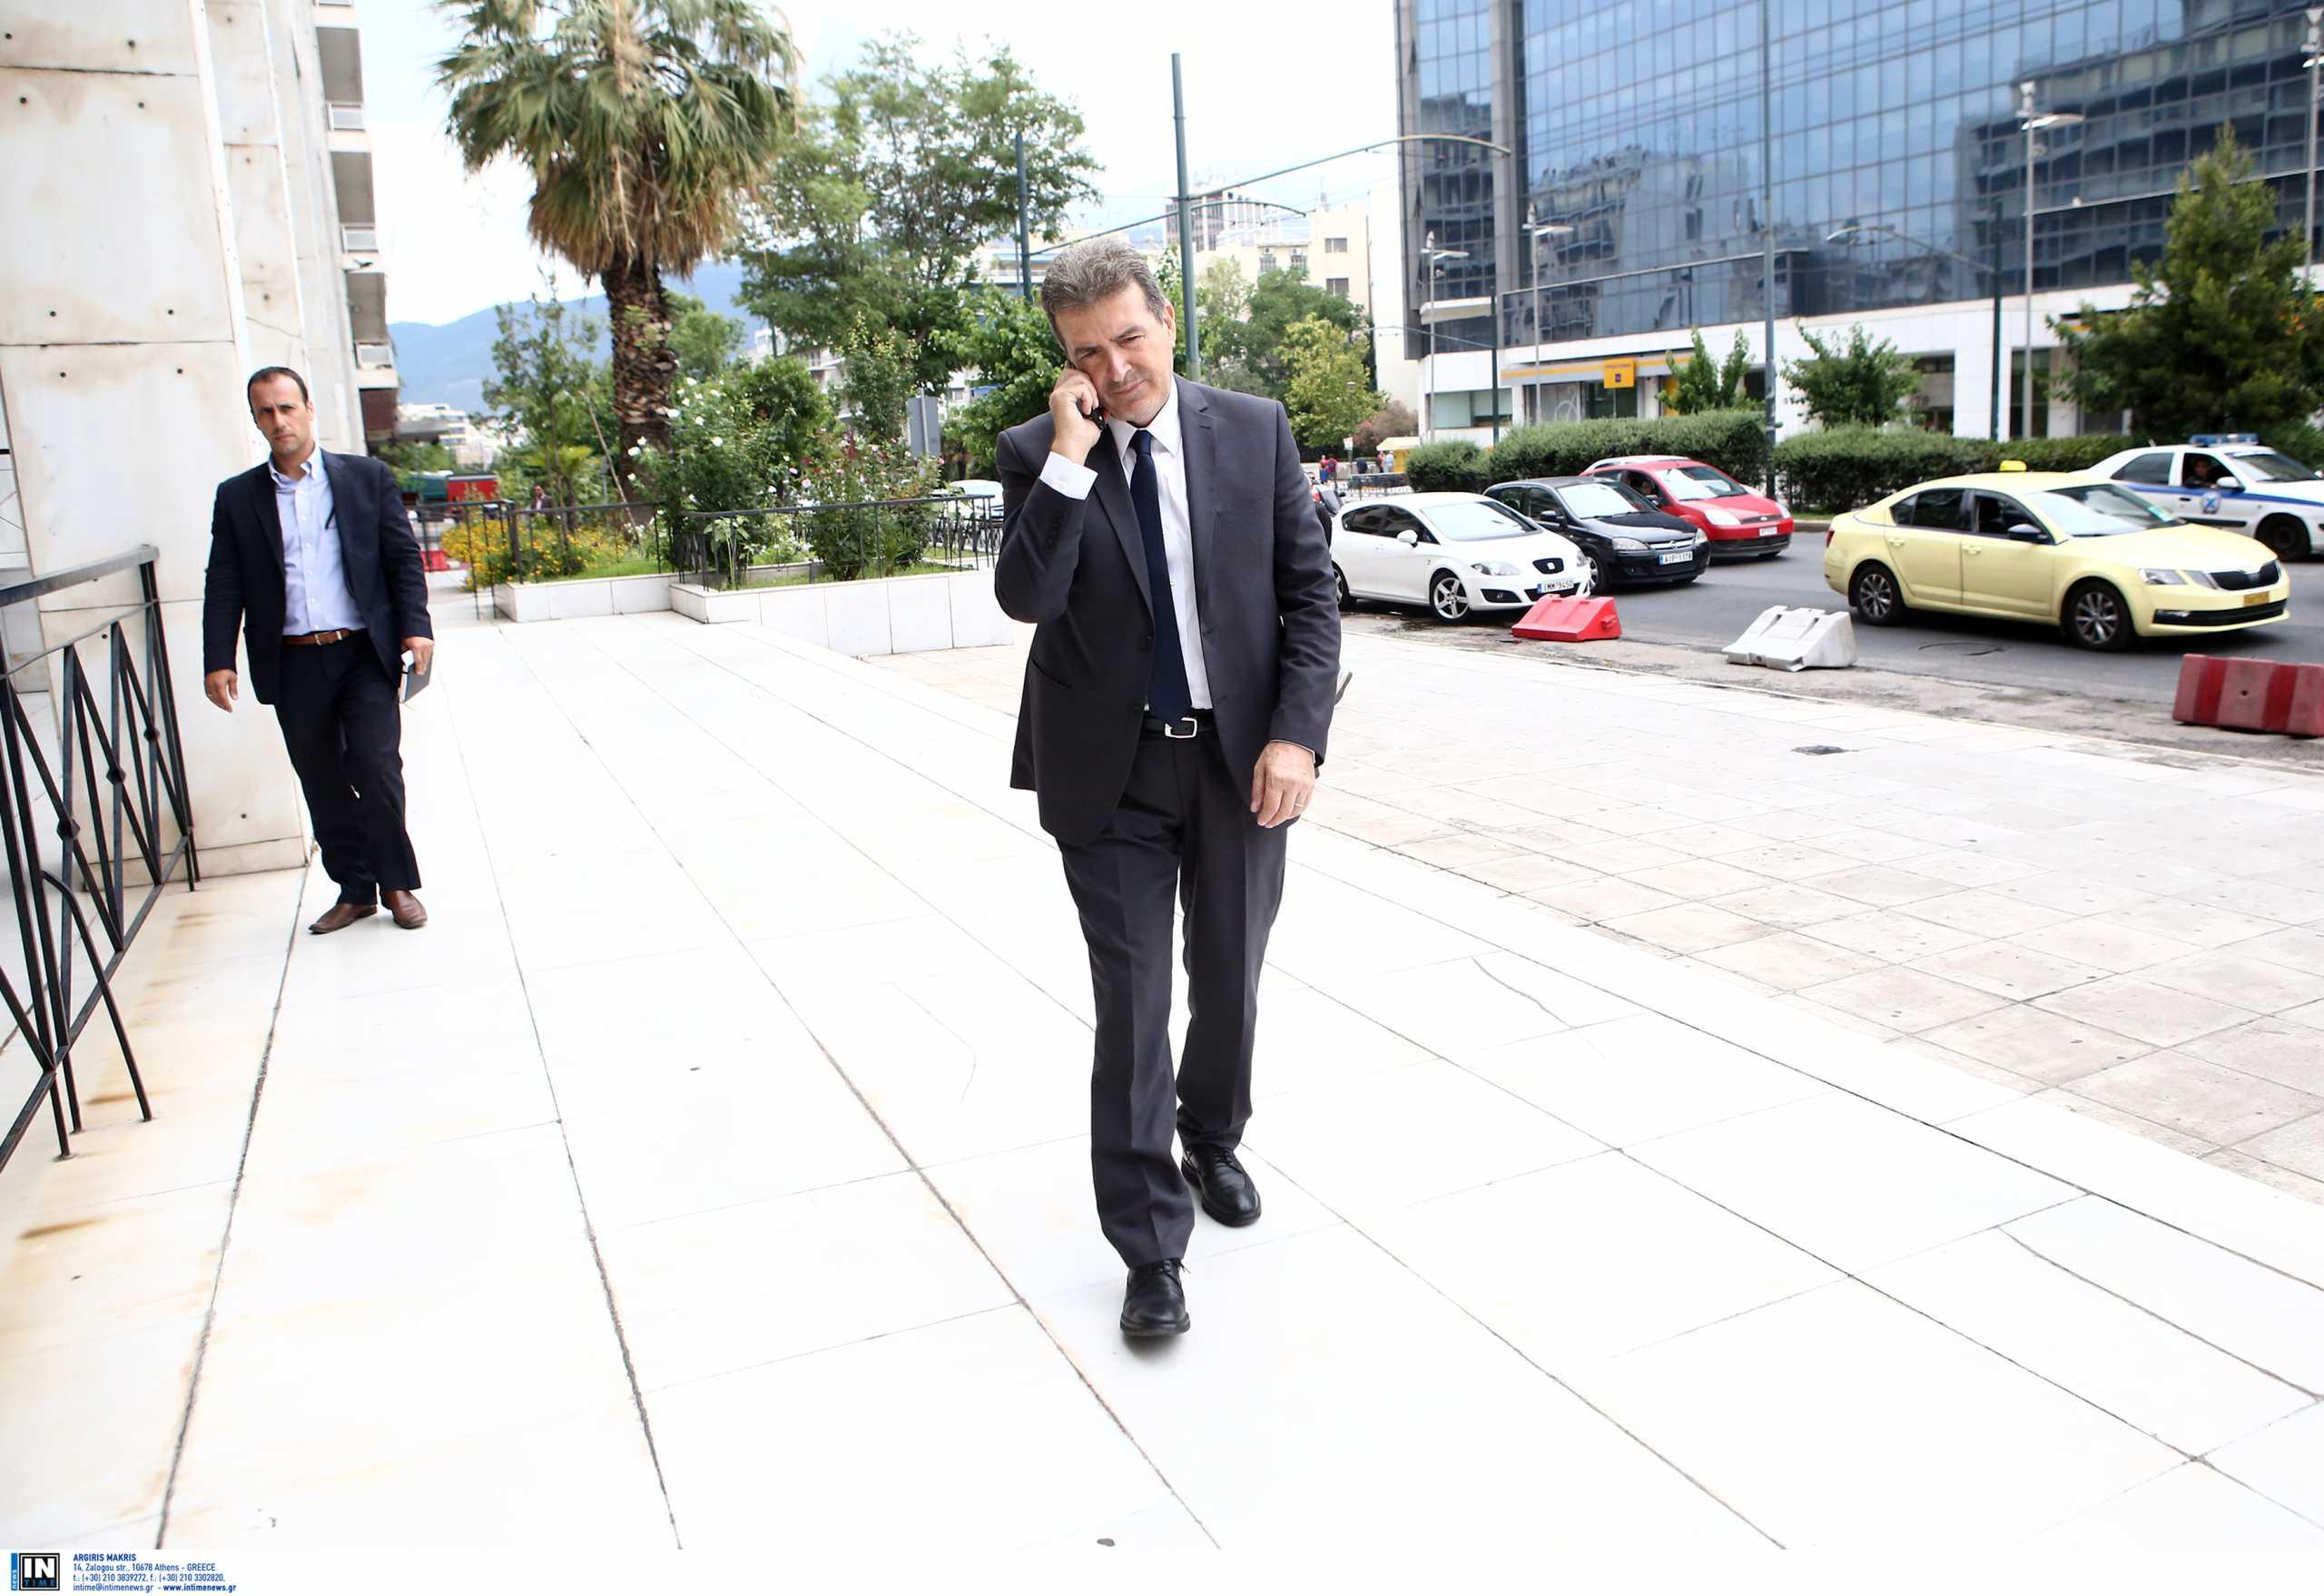 Υπόθεση Κουφοντίνα: Τι συζήτησε ο Χρυσοχοΐδης στην έκτακτη σύσκεψη με τους αξιωματικούς της ΕΛ.ΑΣ